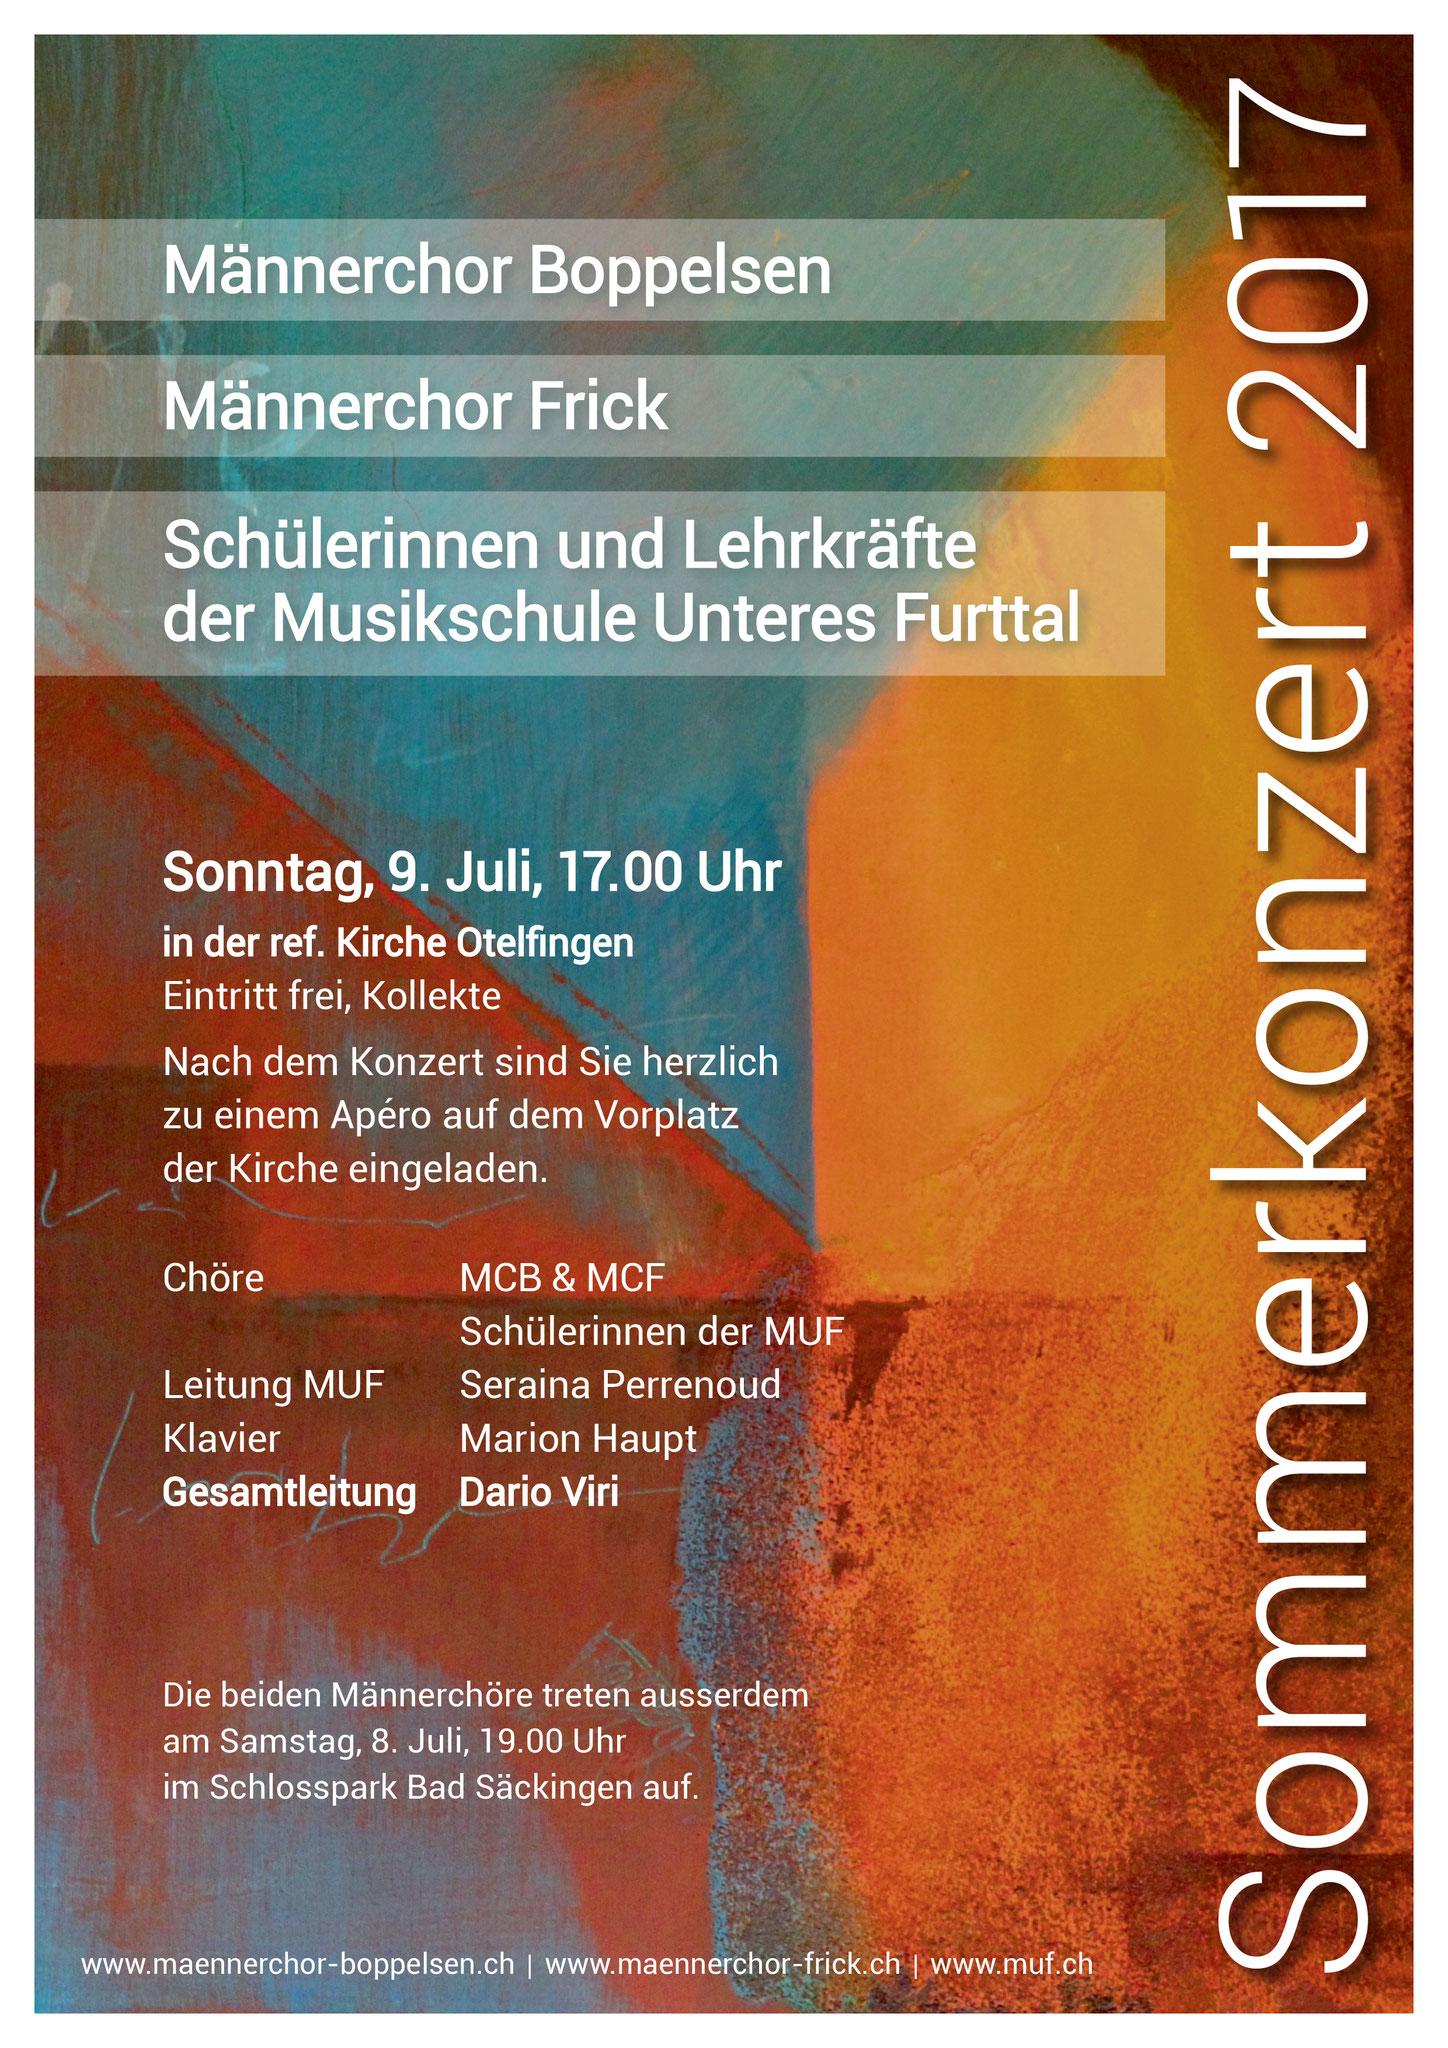 Flyer: gestaltet von Othmar Eigenmann, Otelfingen